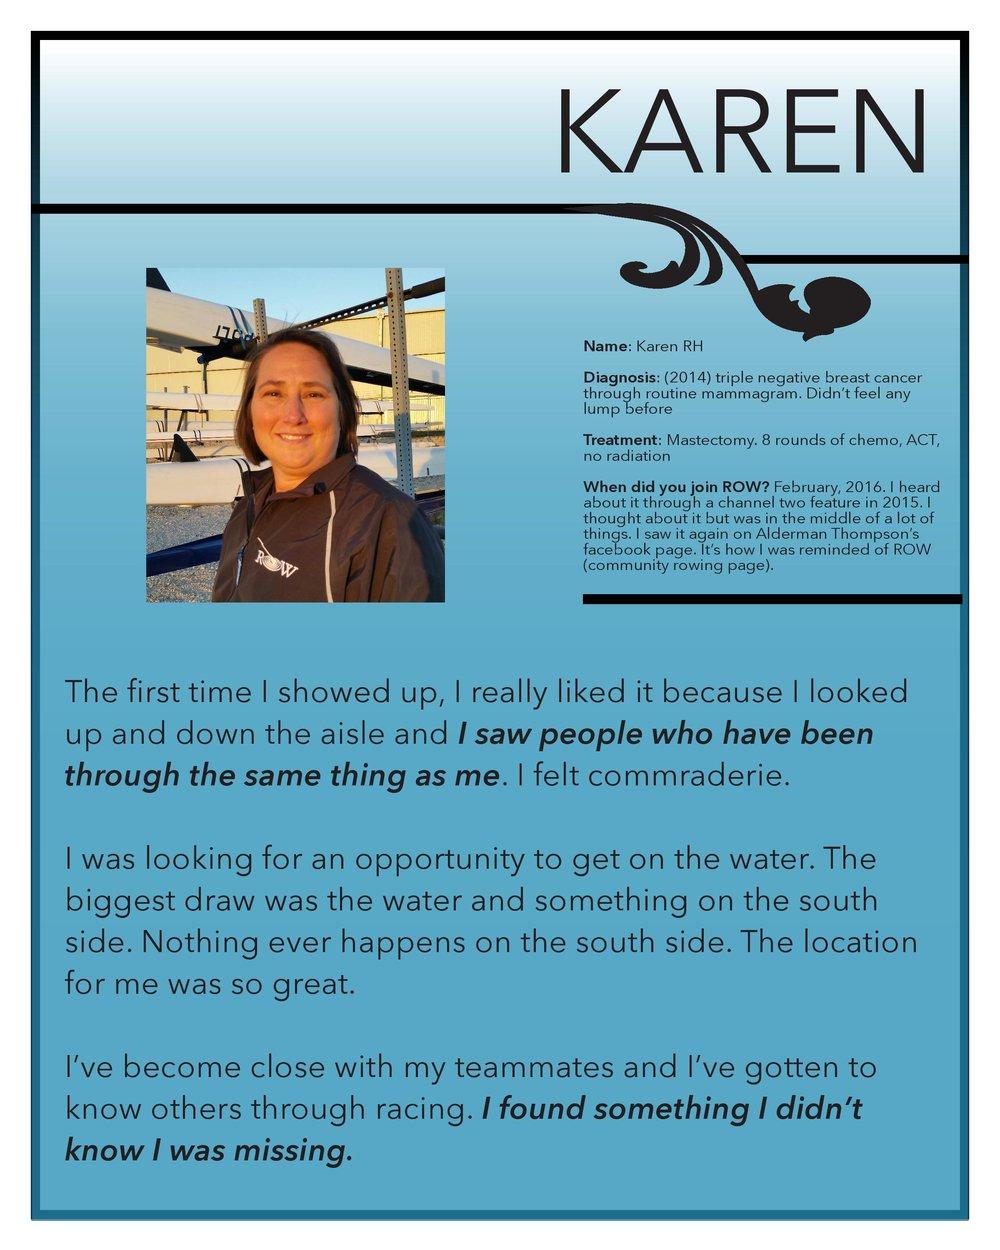 KarenRH_prowfile (1)-page-001.jpg